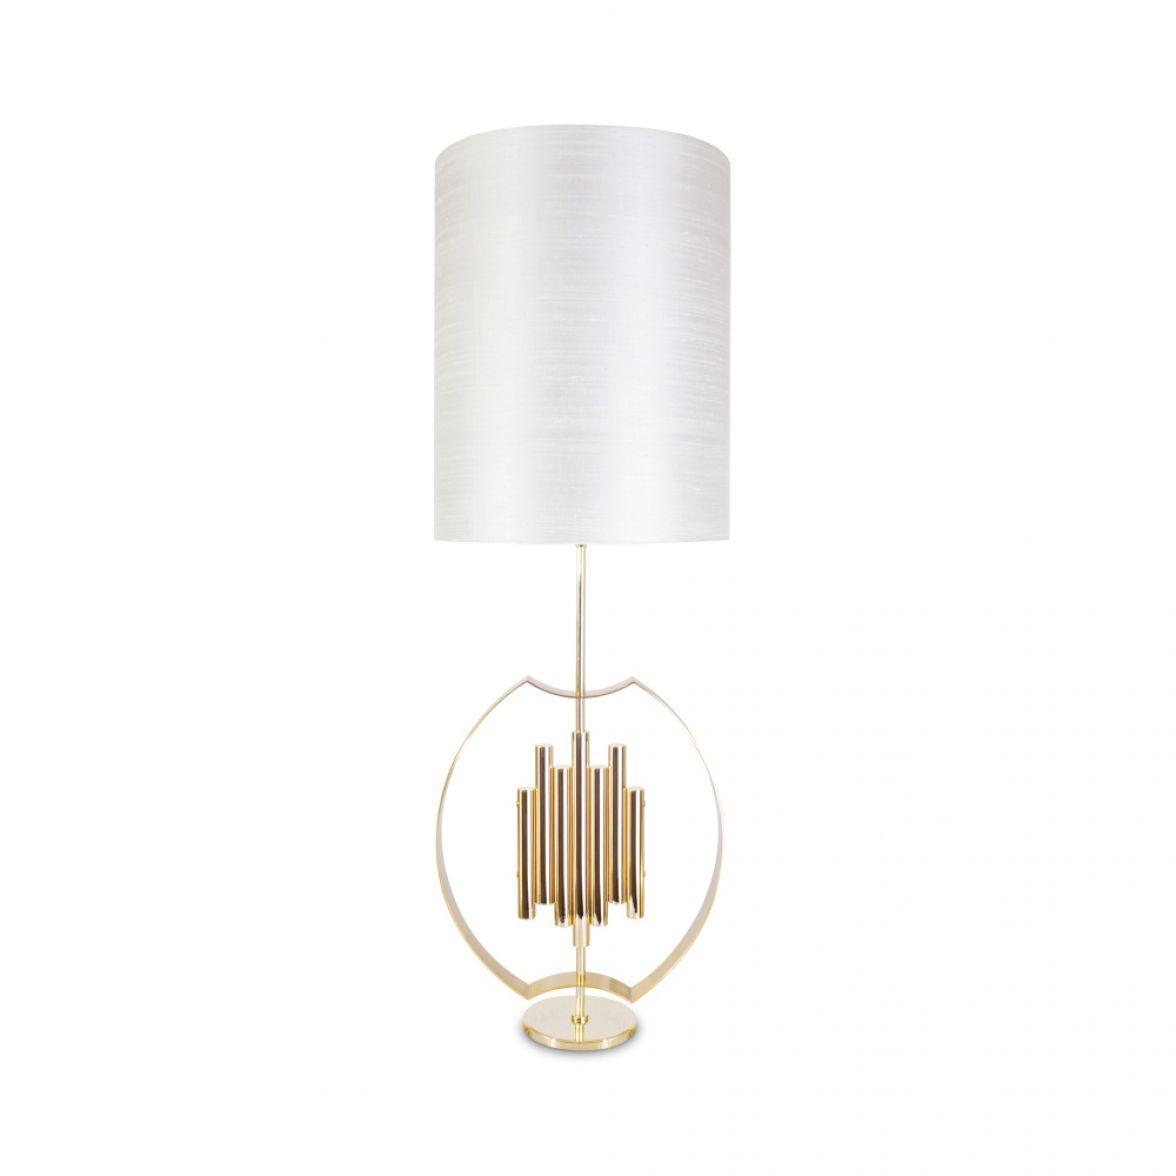 Настольная лампа Gold tupelo фото цена